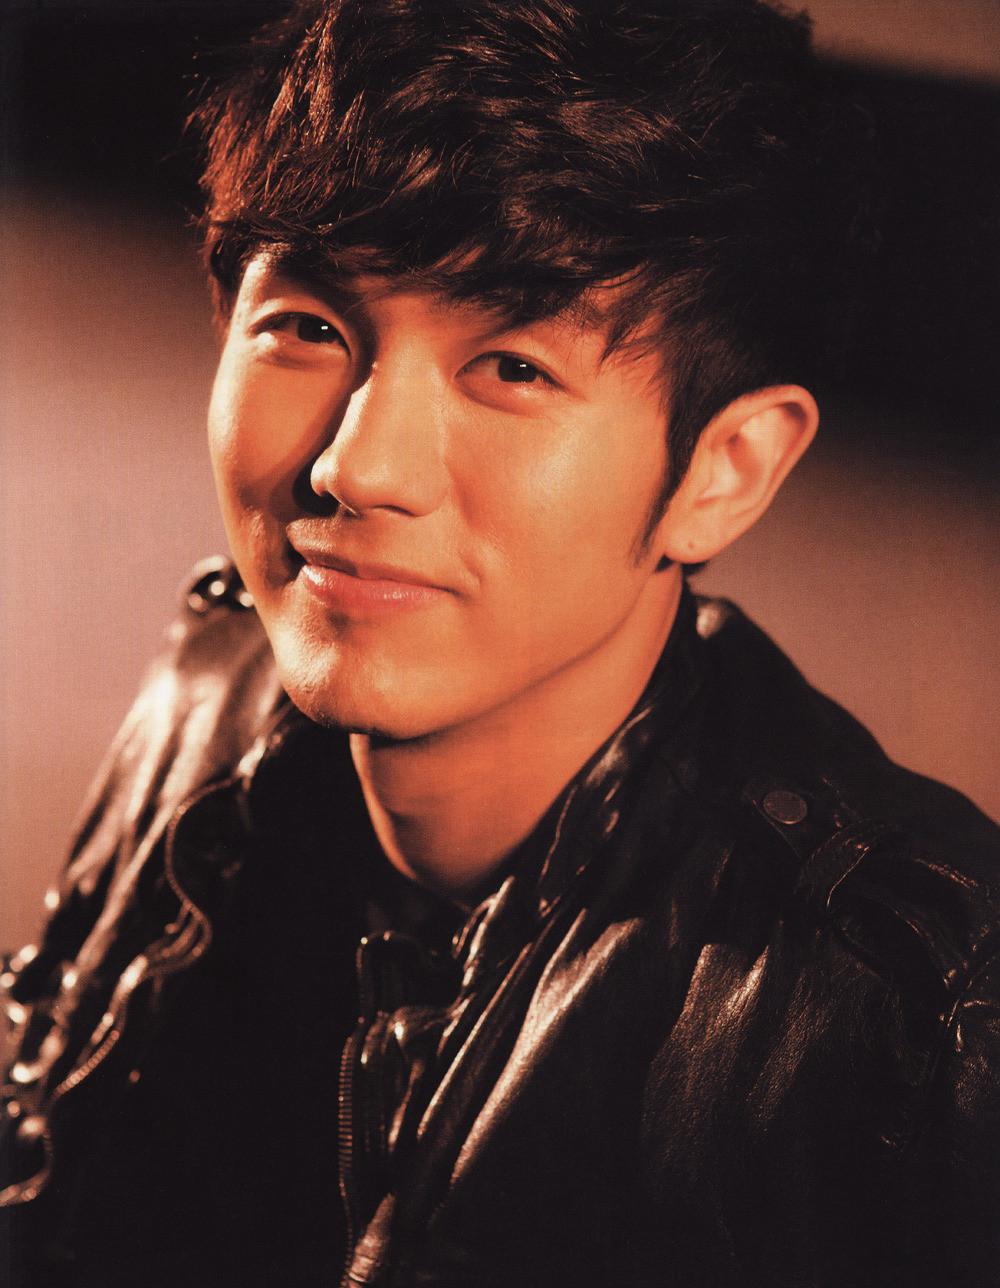 Korean Hairstyles - Seulong ( 2AM ) Korean Hairstyles ...